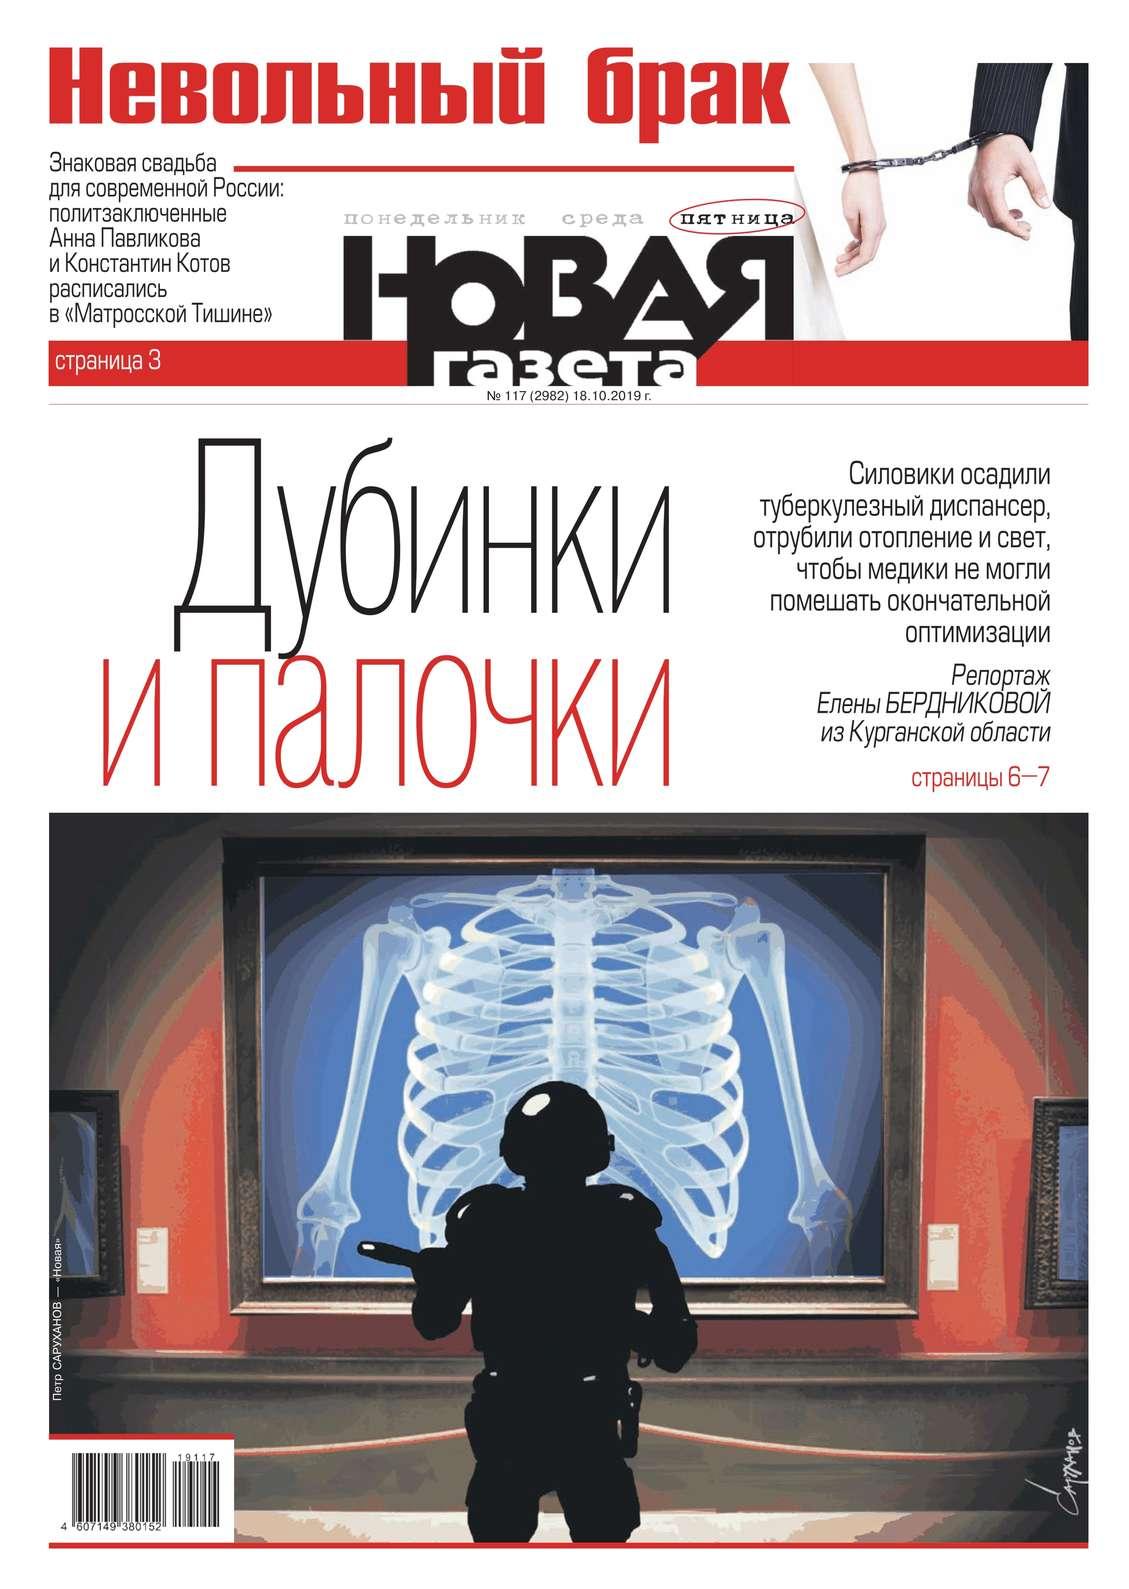 Редакция газеты Новая Газета Новая Газета 117-2019 цена